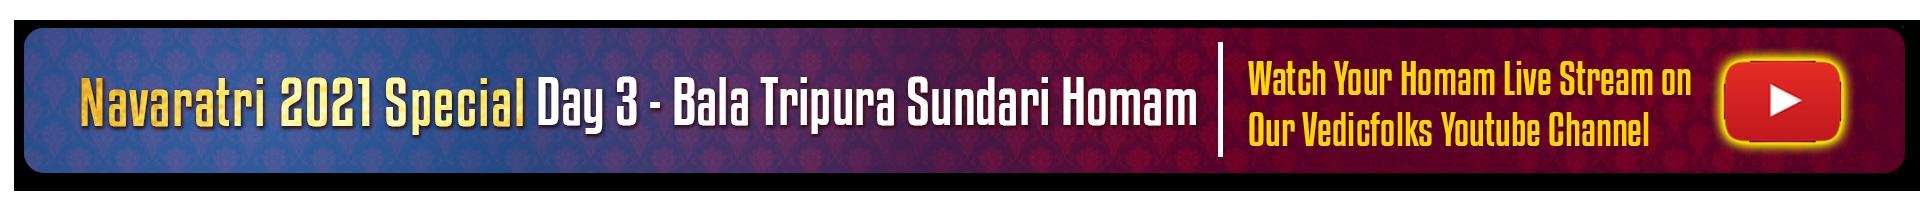 Navaratri 2021 special - Bala Tripurasundari Homam